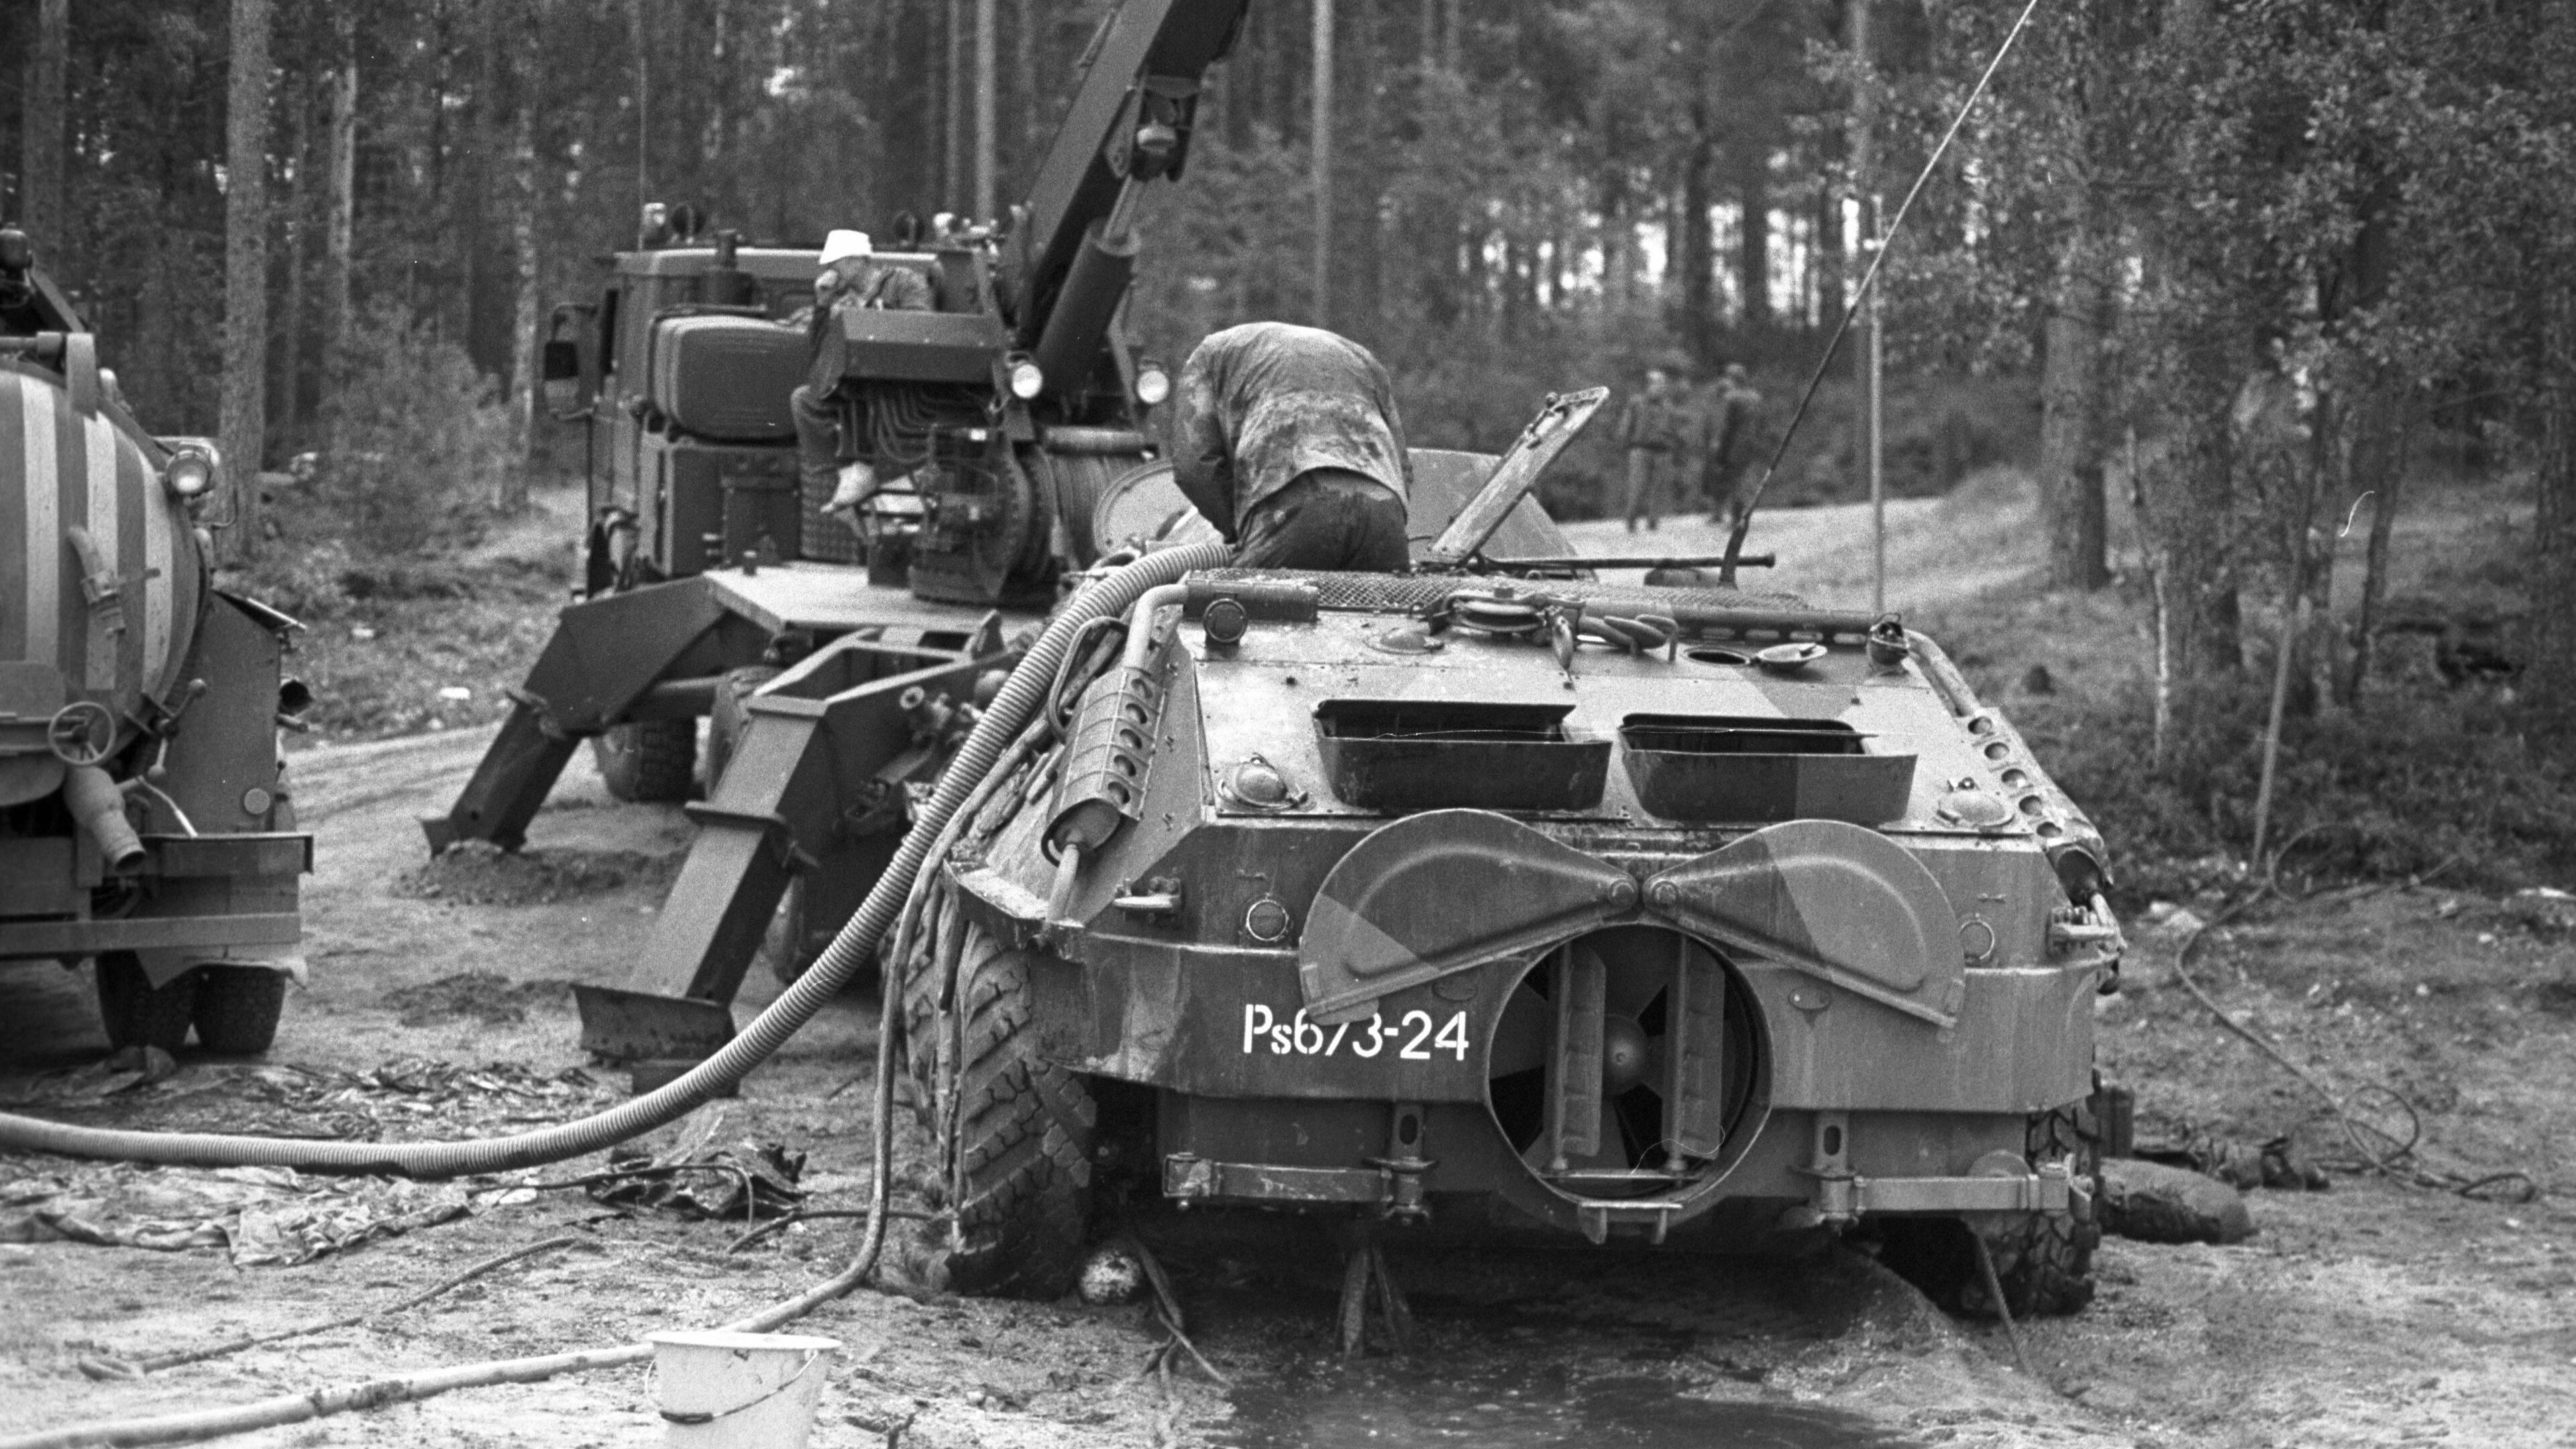 Taipalsaarella 1991 uponneen BTR-60 vaunun tyhjennys rannalla käynnissä.